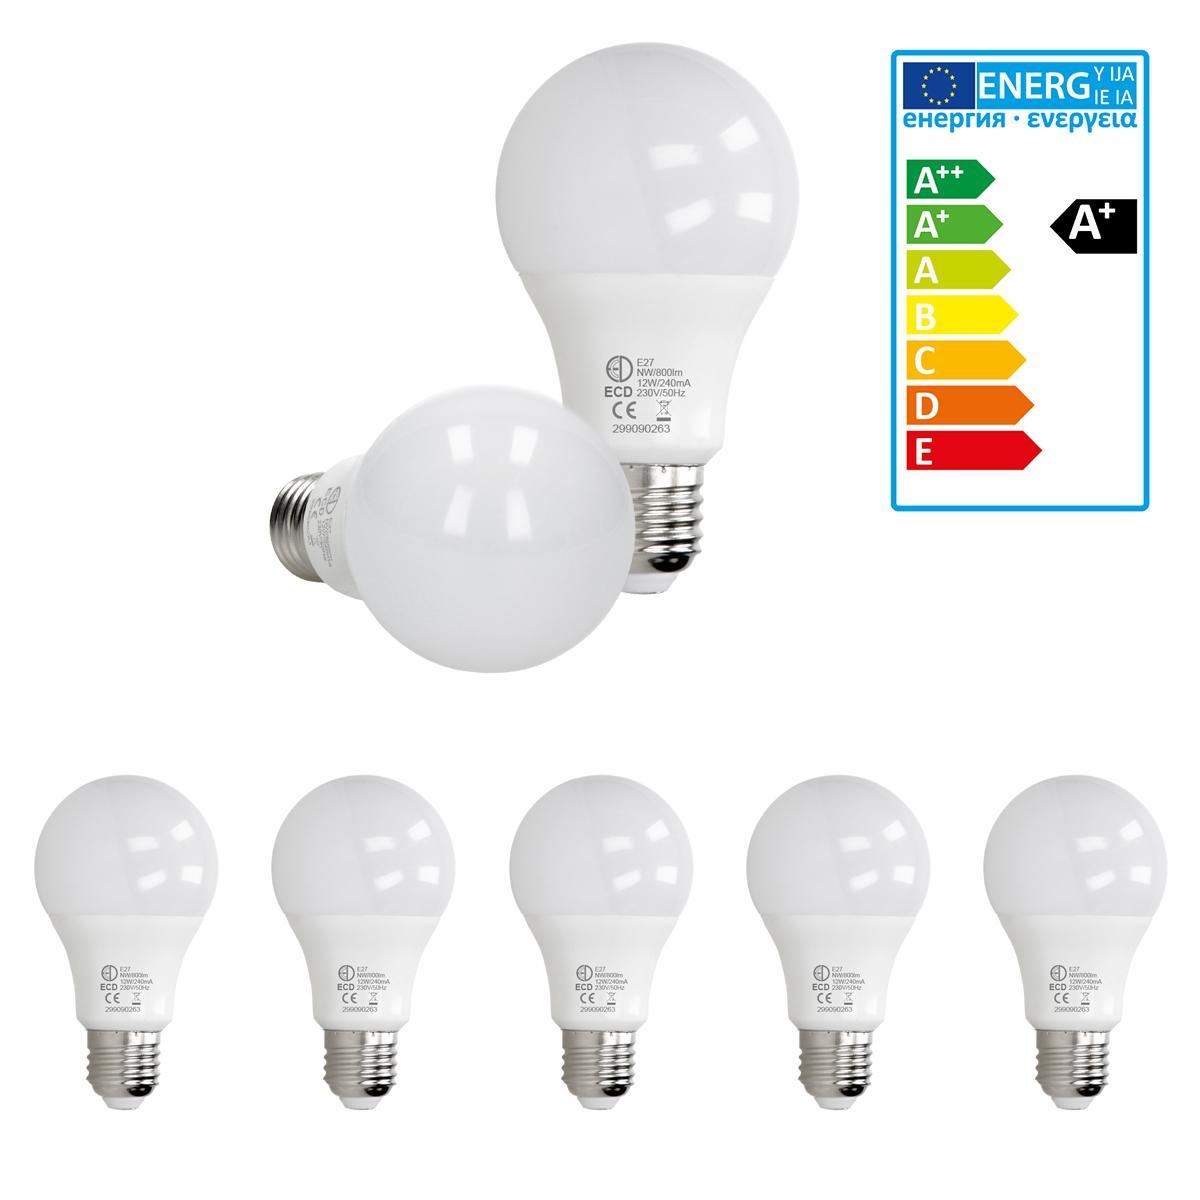 Ecd Germany ECD Germany 5 pièces de 12W E27 LED ampoule | 4000 Kelvin | Angle de faisceau 270 ° | 800 lumens | Blanc neutre | 220-24